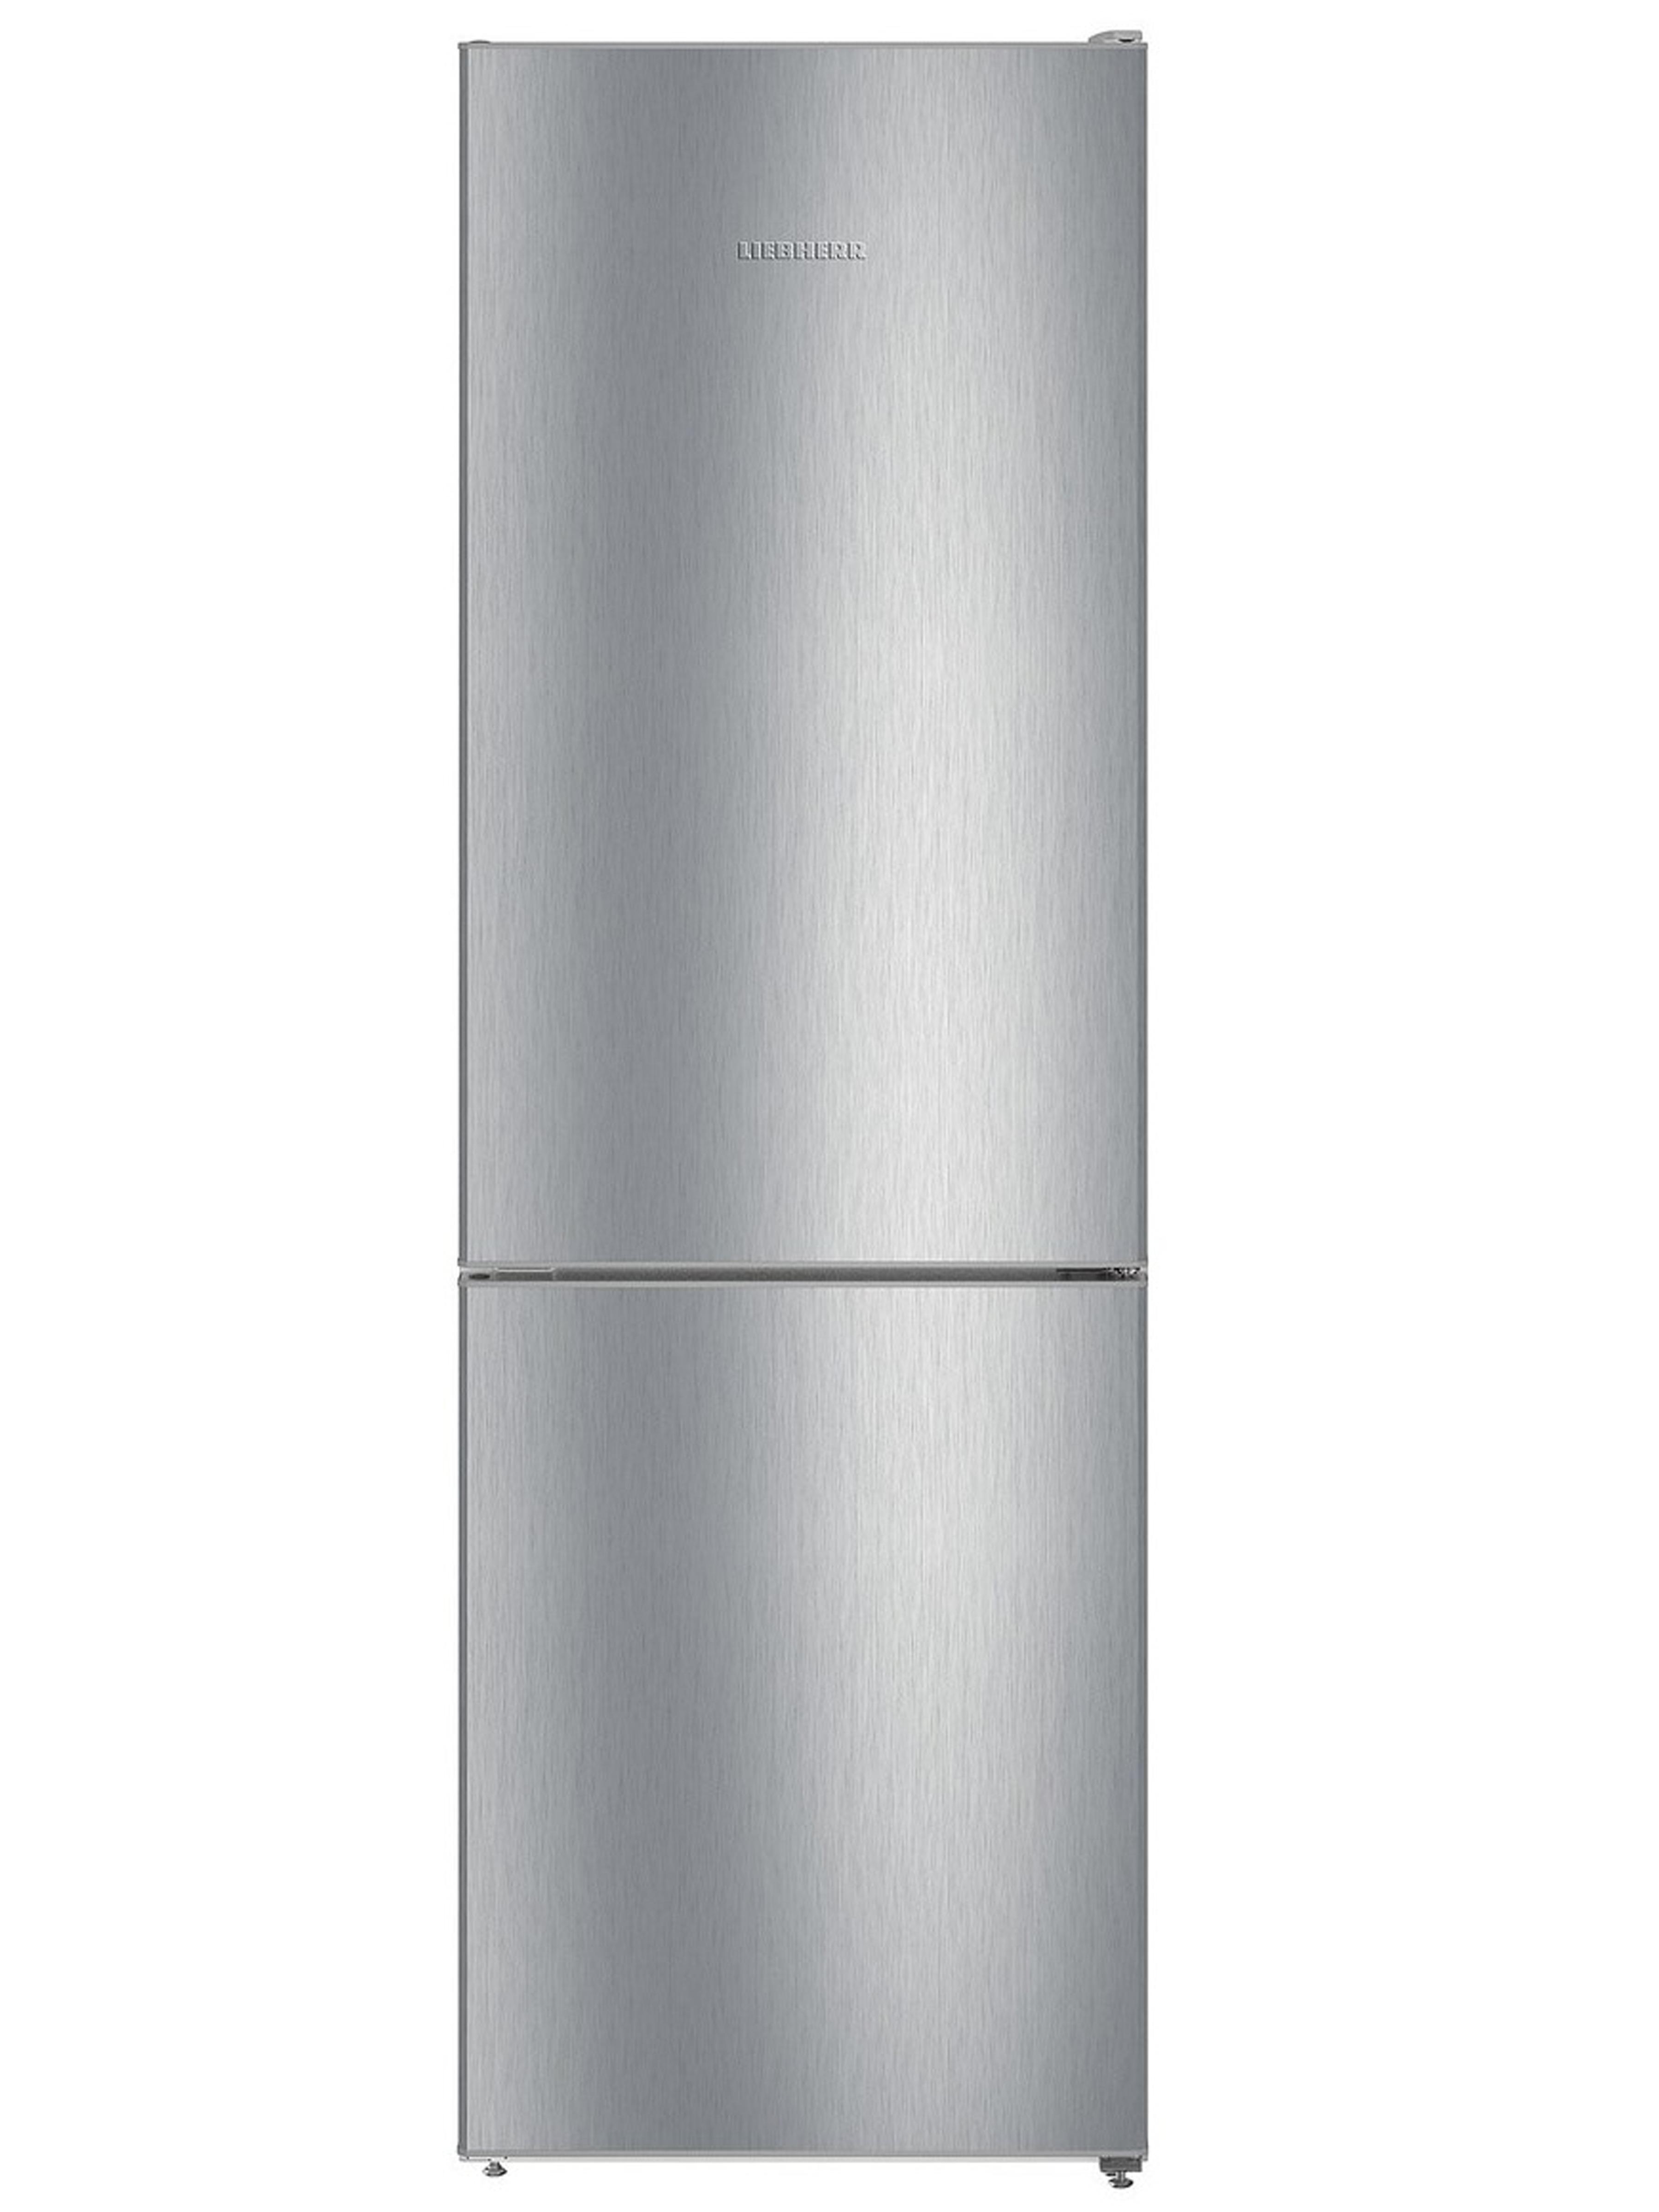 Liebherr CNPel 4313-21 edelstaal